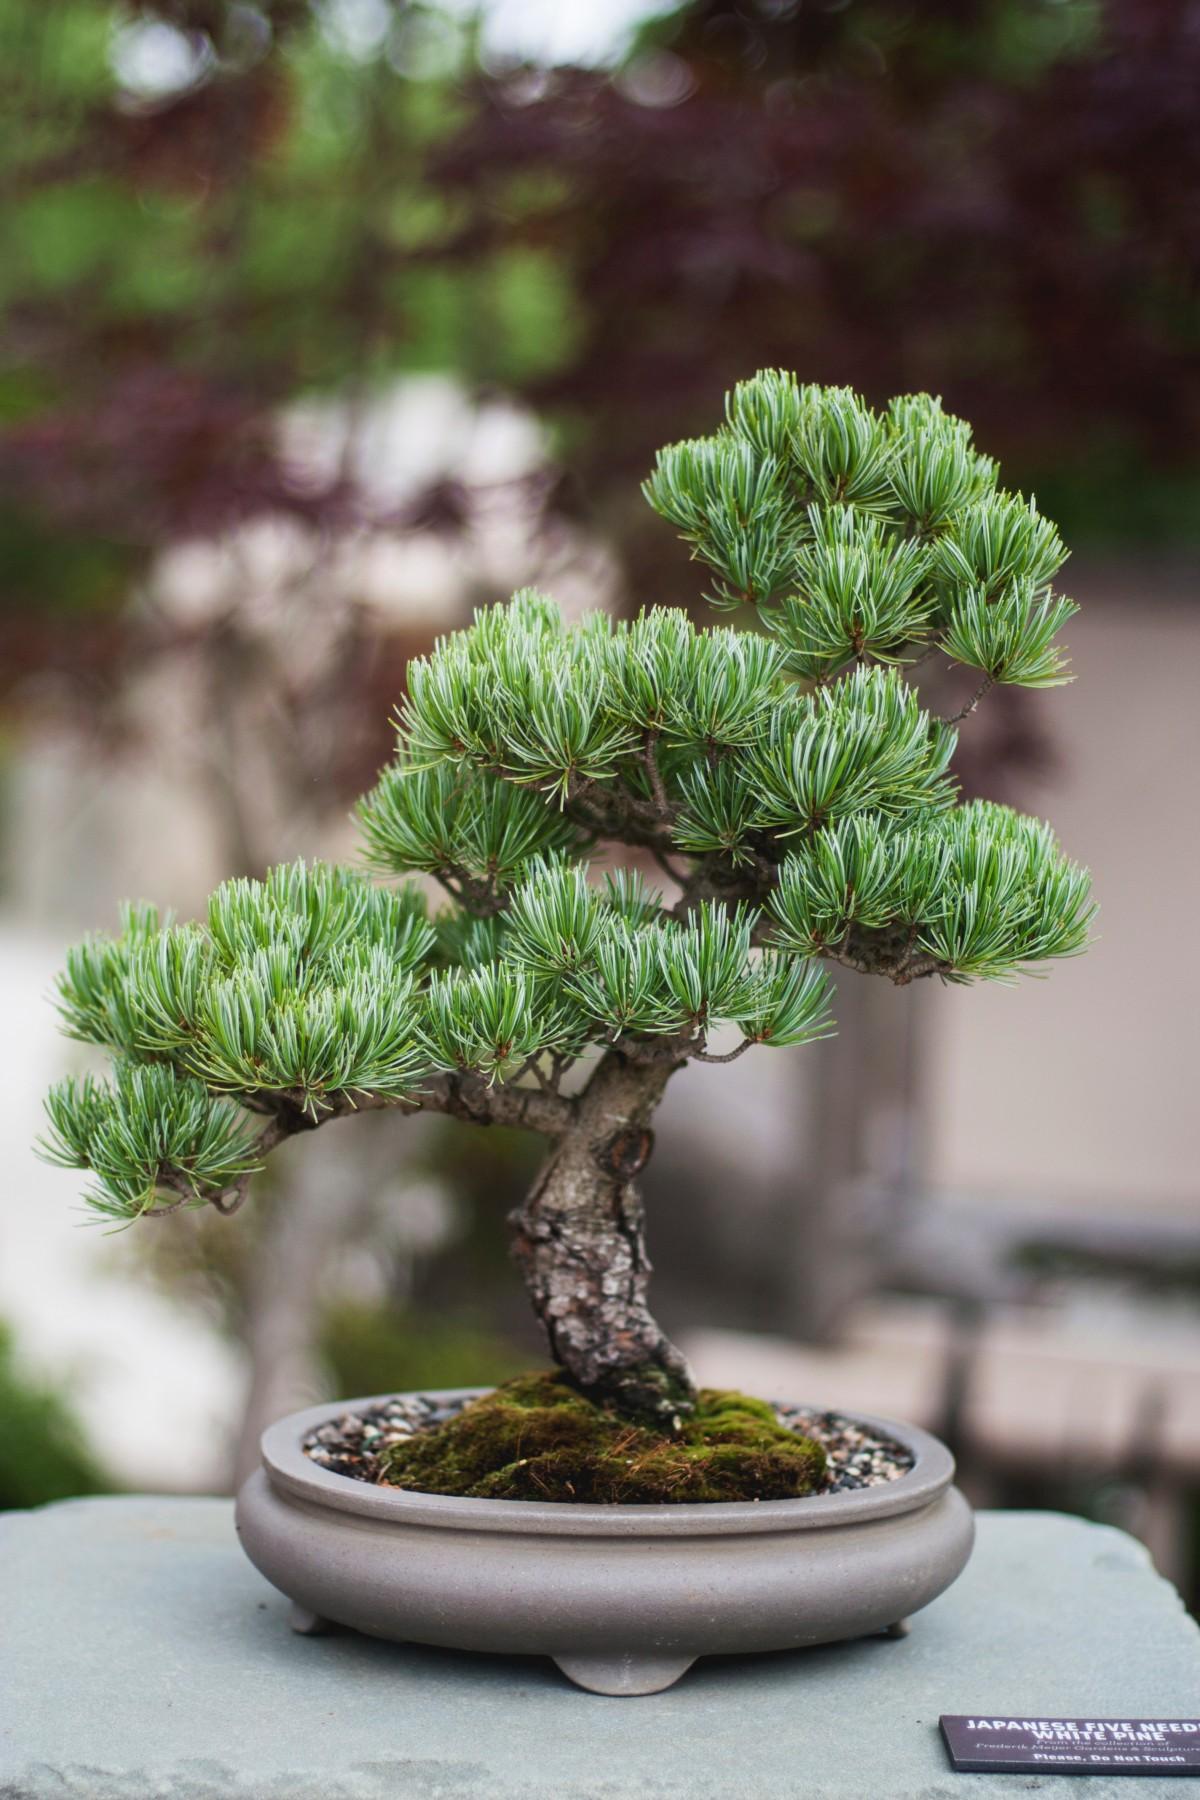 images gratuites arbre branche botanique plante d 39 appartement conif re pic a bonsa. Black Bedroom Furniture Sets. Home Design Ideas